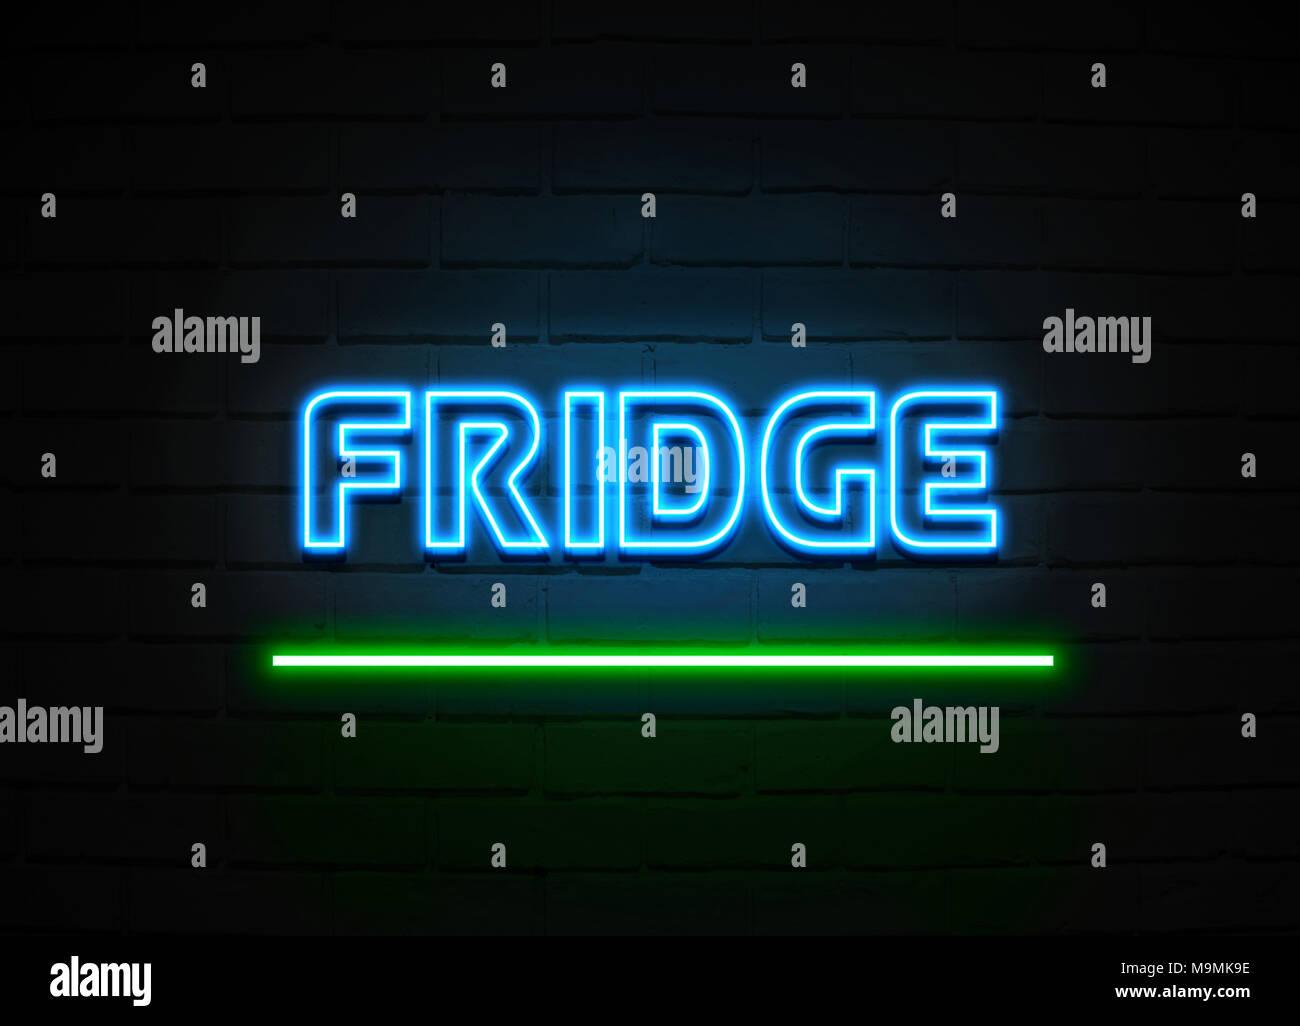 Smeg Kühlschrank Abstand Zur Wand : Kühlschrank anzeigen stockfotos & kühlschrank anzeigen bilder alamy